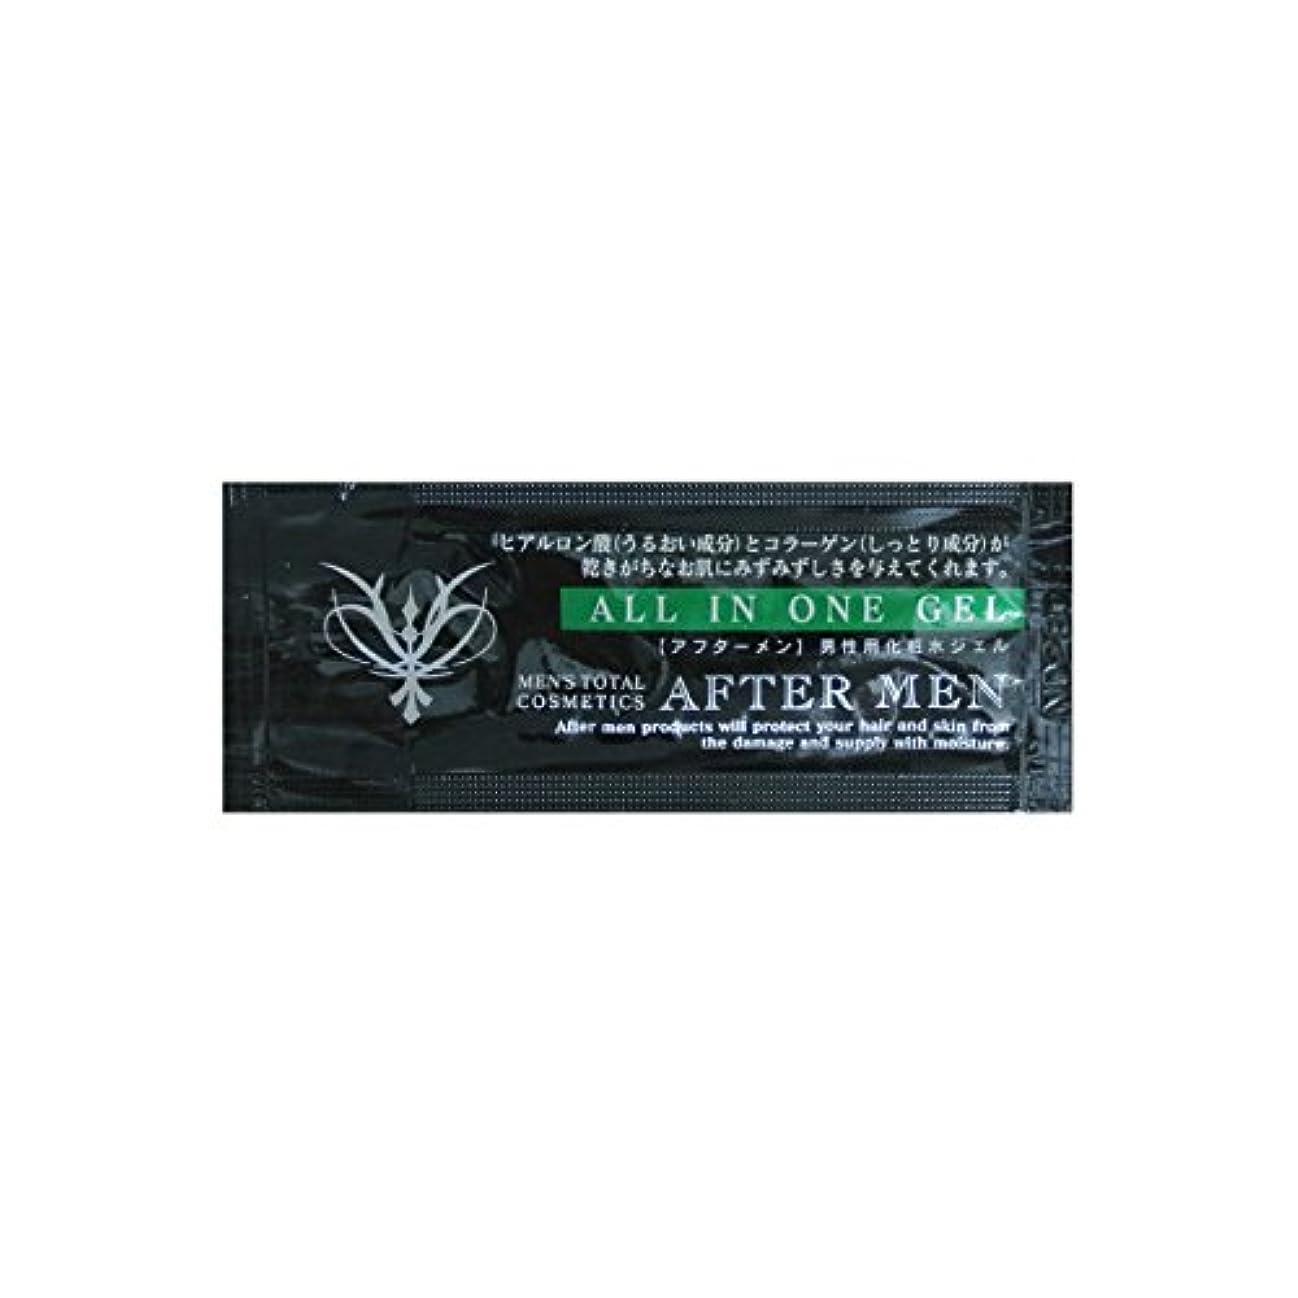 無テレックス競争力のあるアフターメン オールインワンジェル化粧水 200包